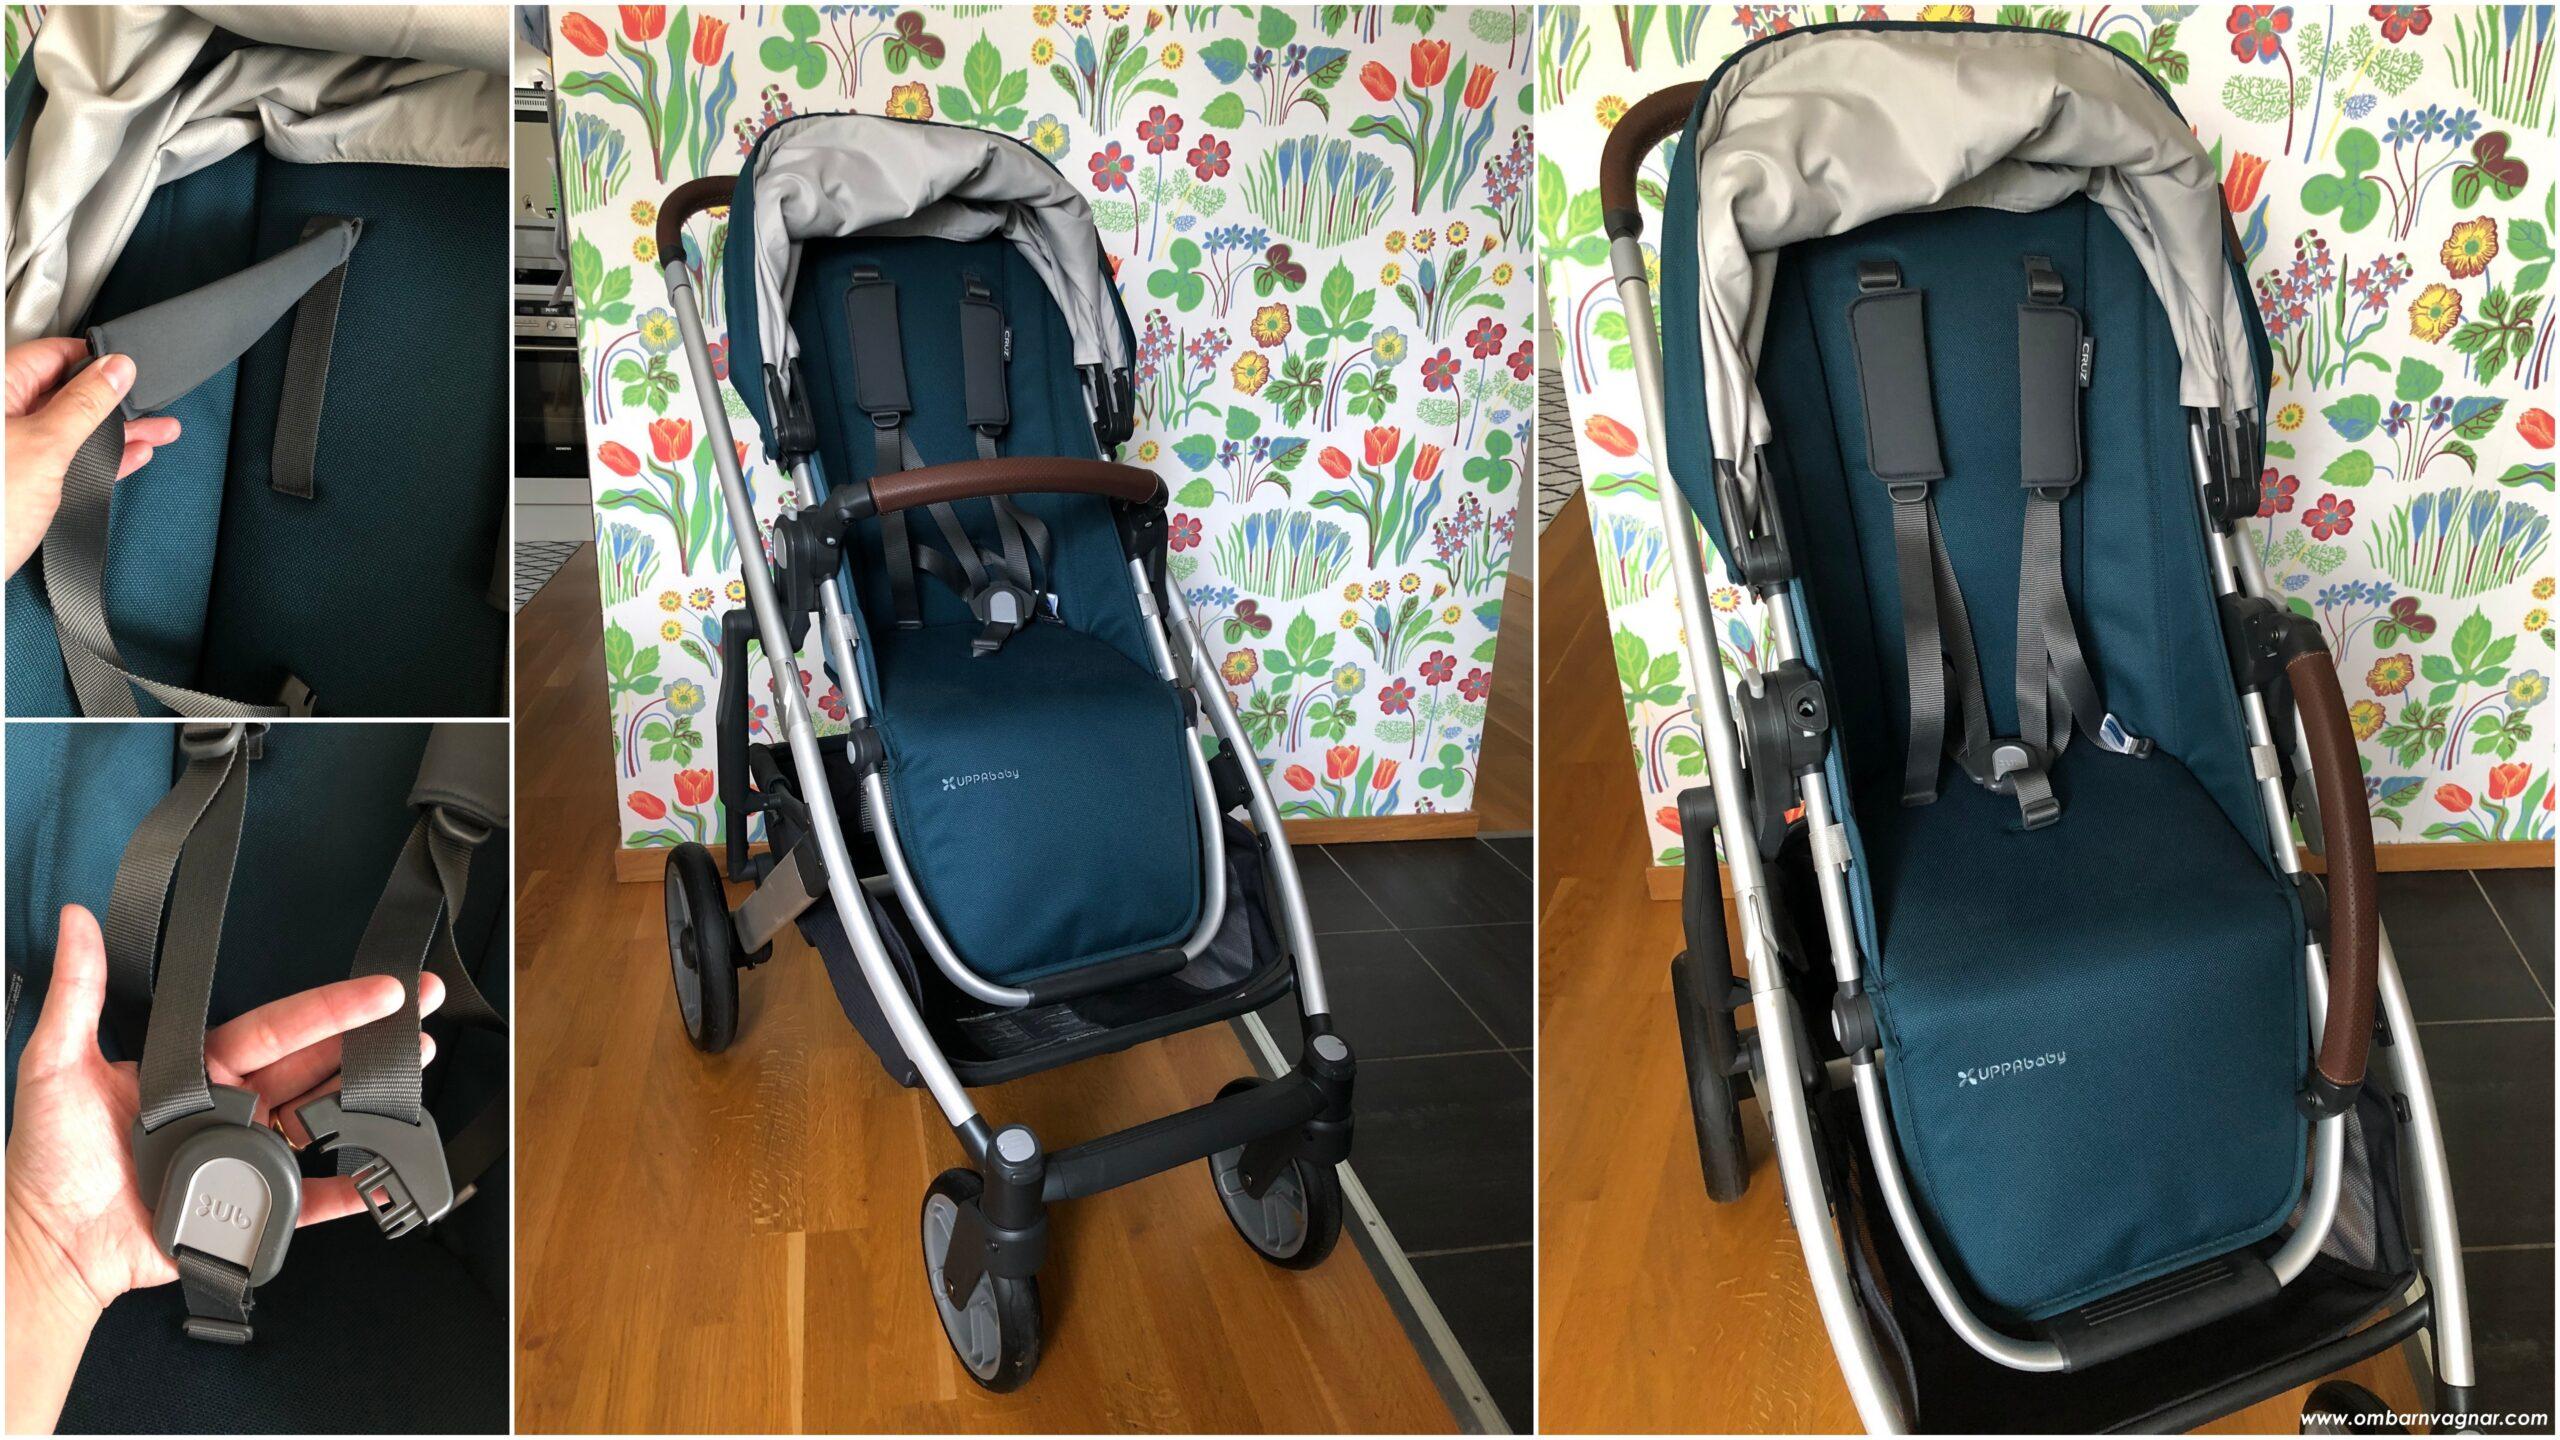 UPPAbaby Cruz V2 har en vändbar, ergonomisk sittdel